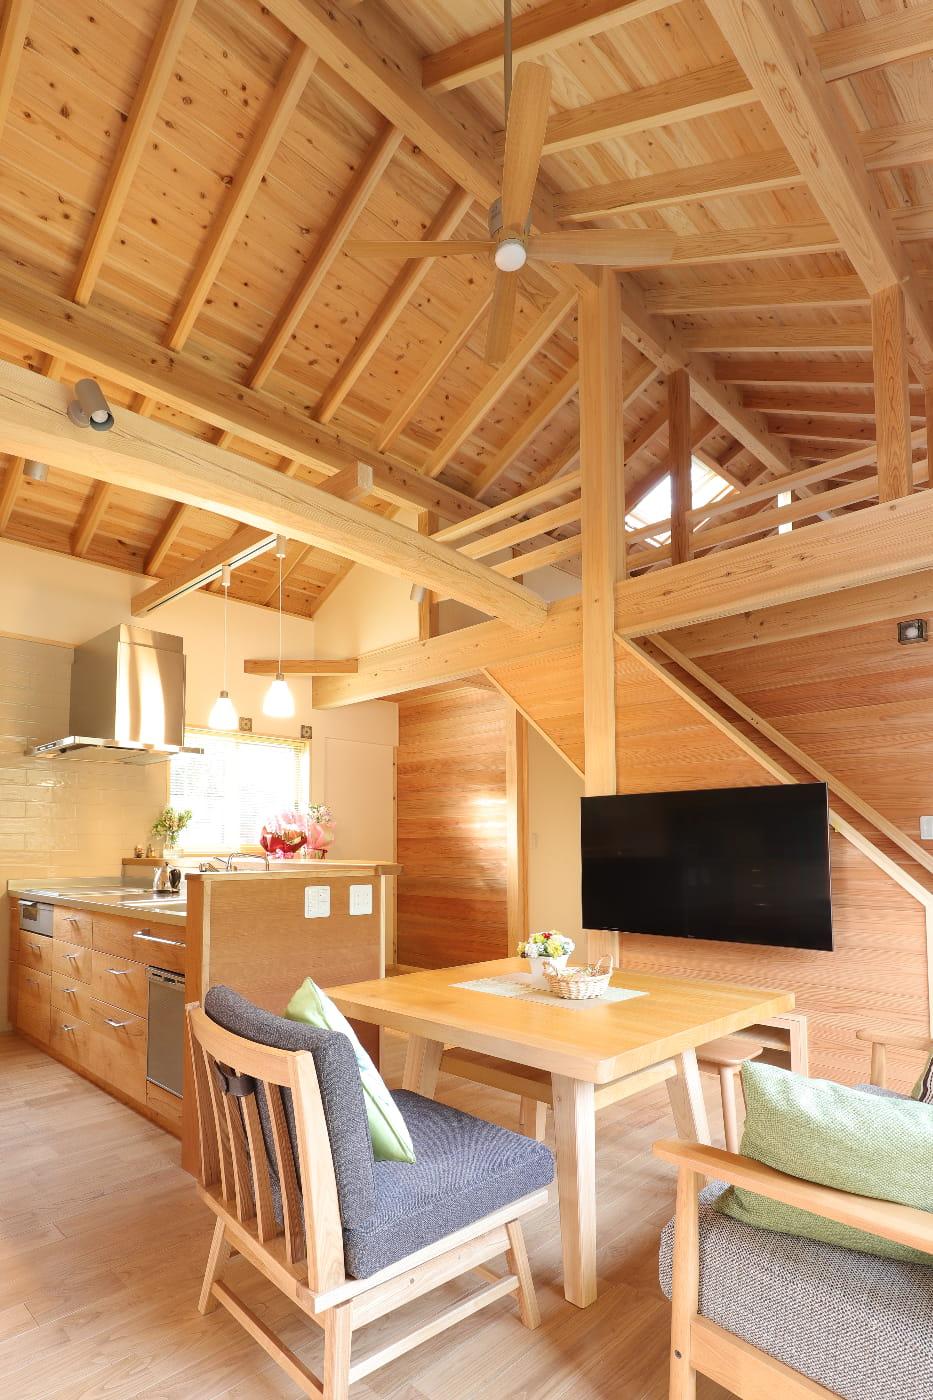 50代からの家づくり 木のキッチン 自然素材の家